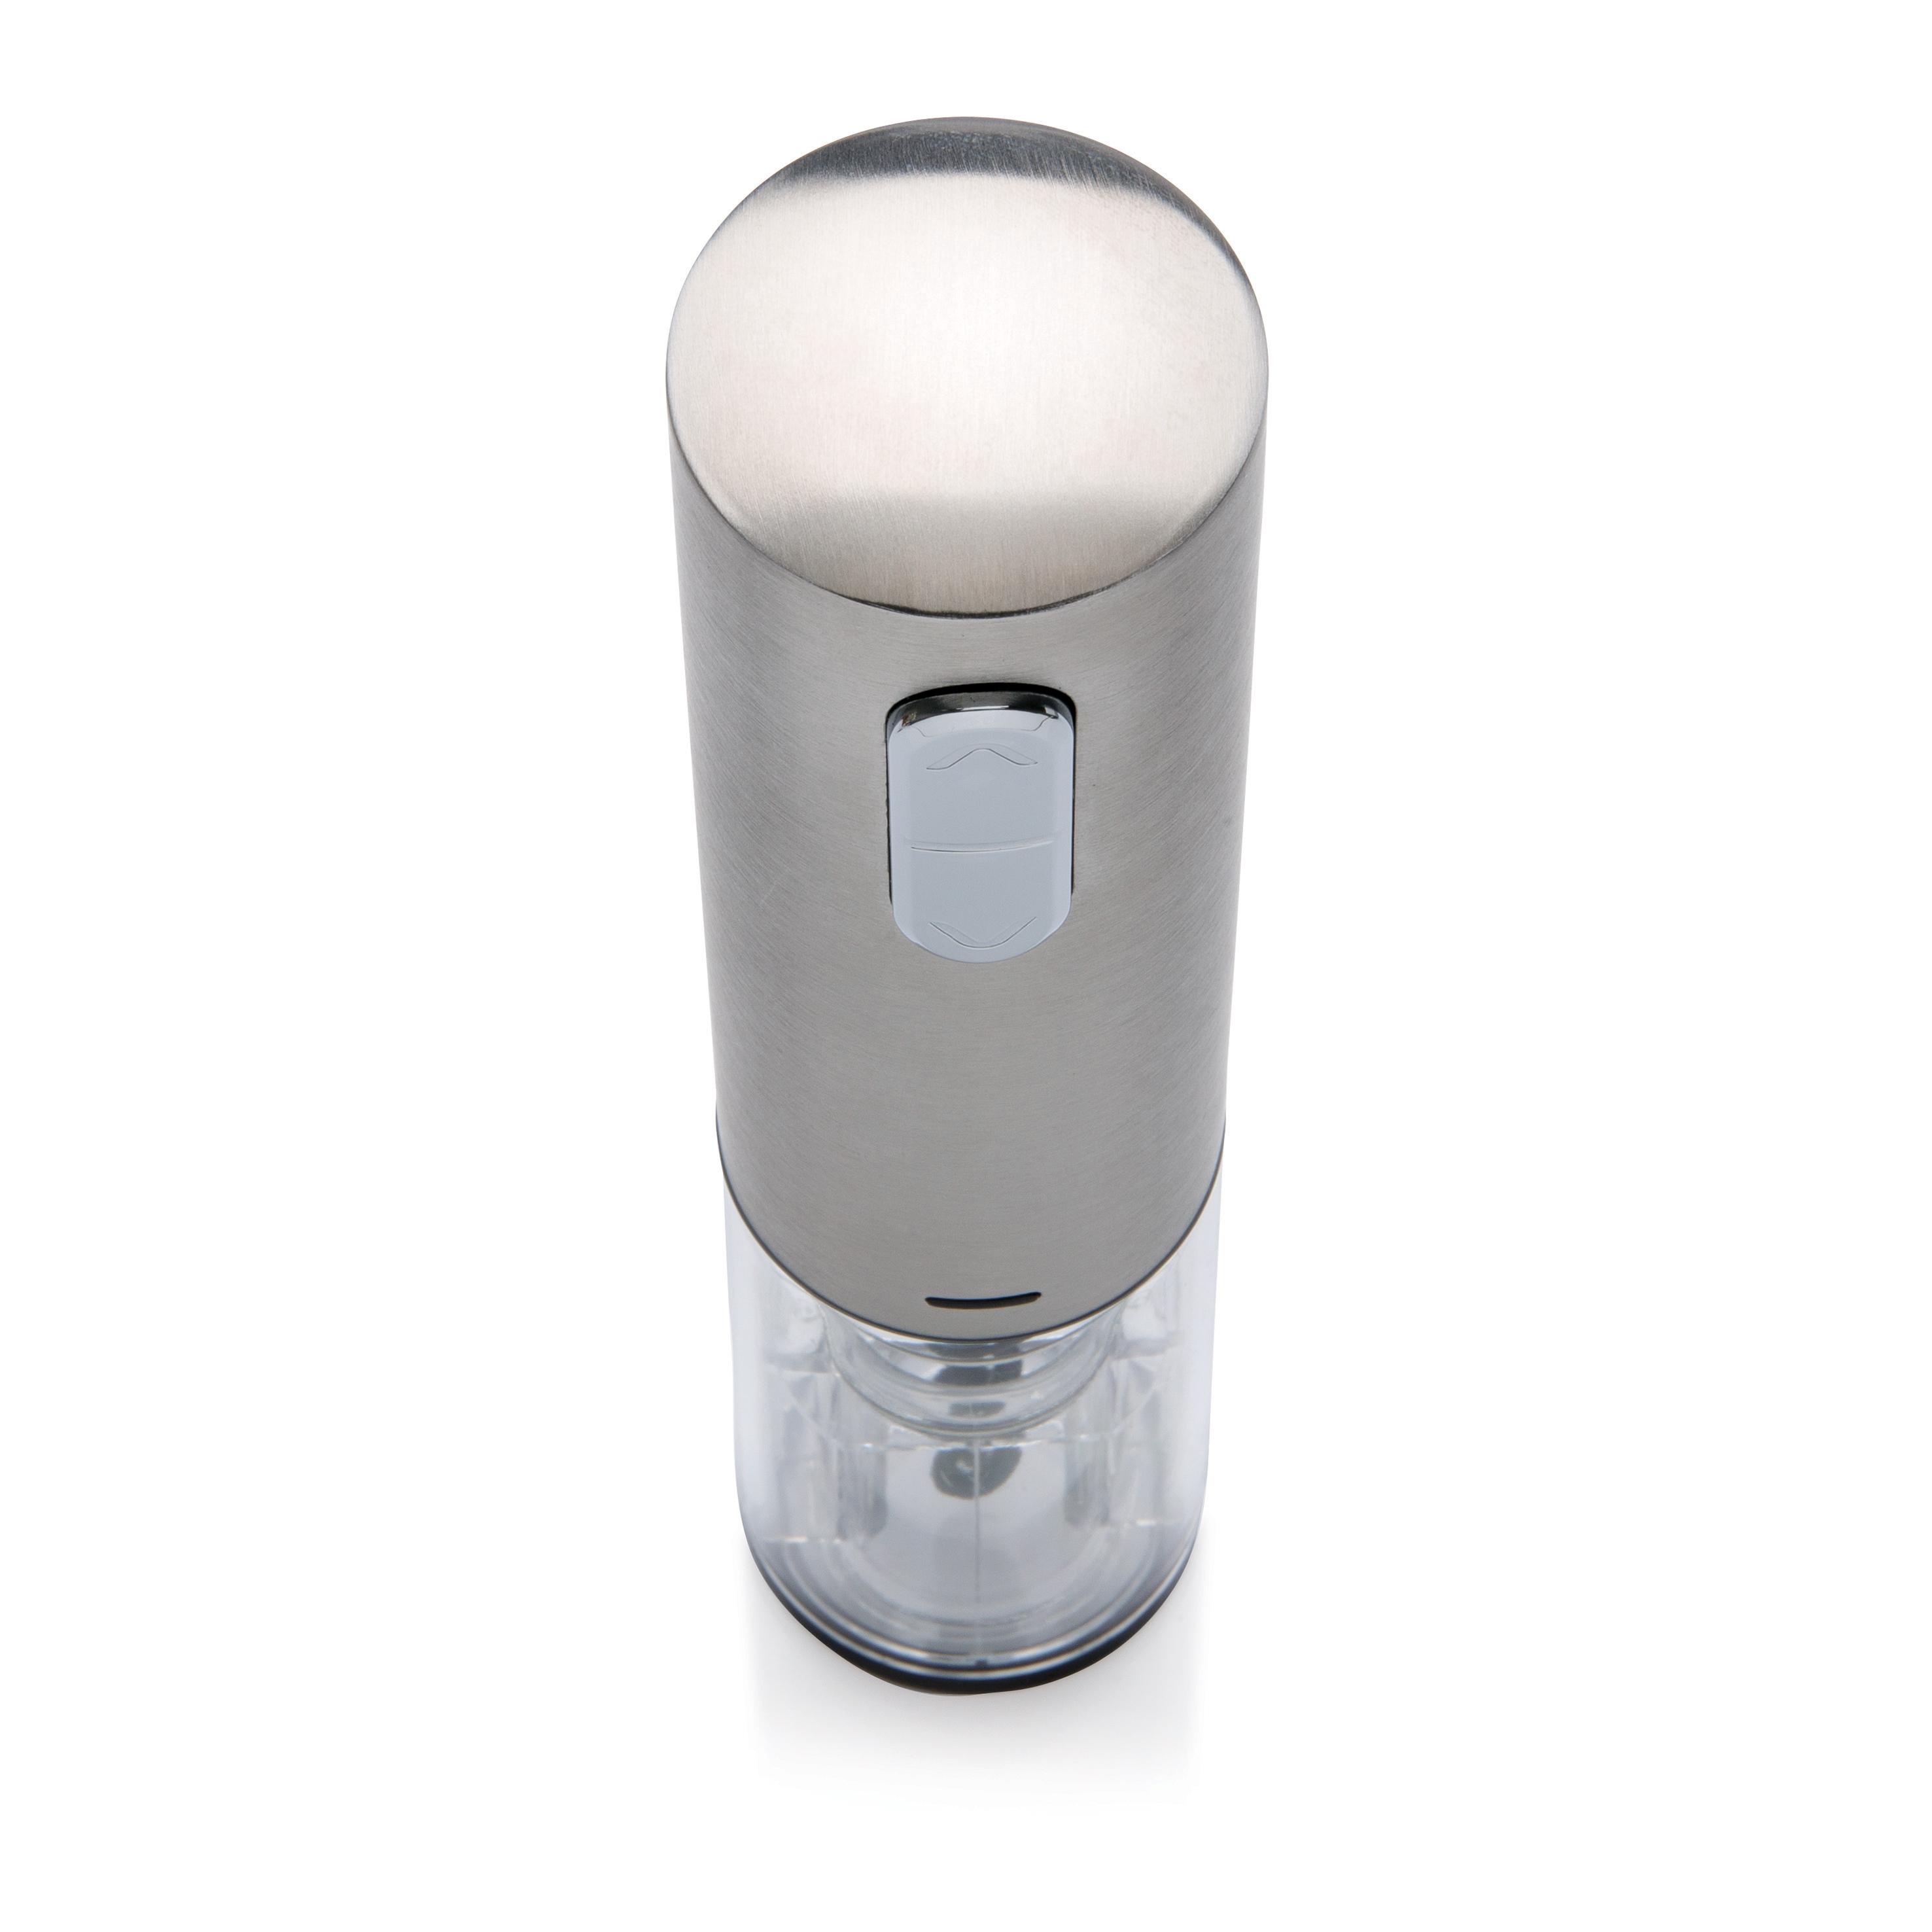 Tire-bouchon électrique rechargeable USB - 9-1391-3